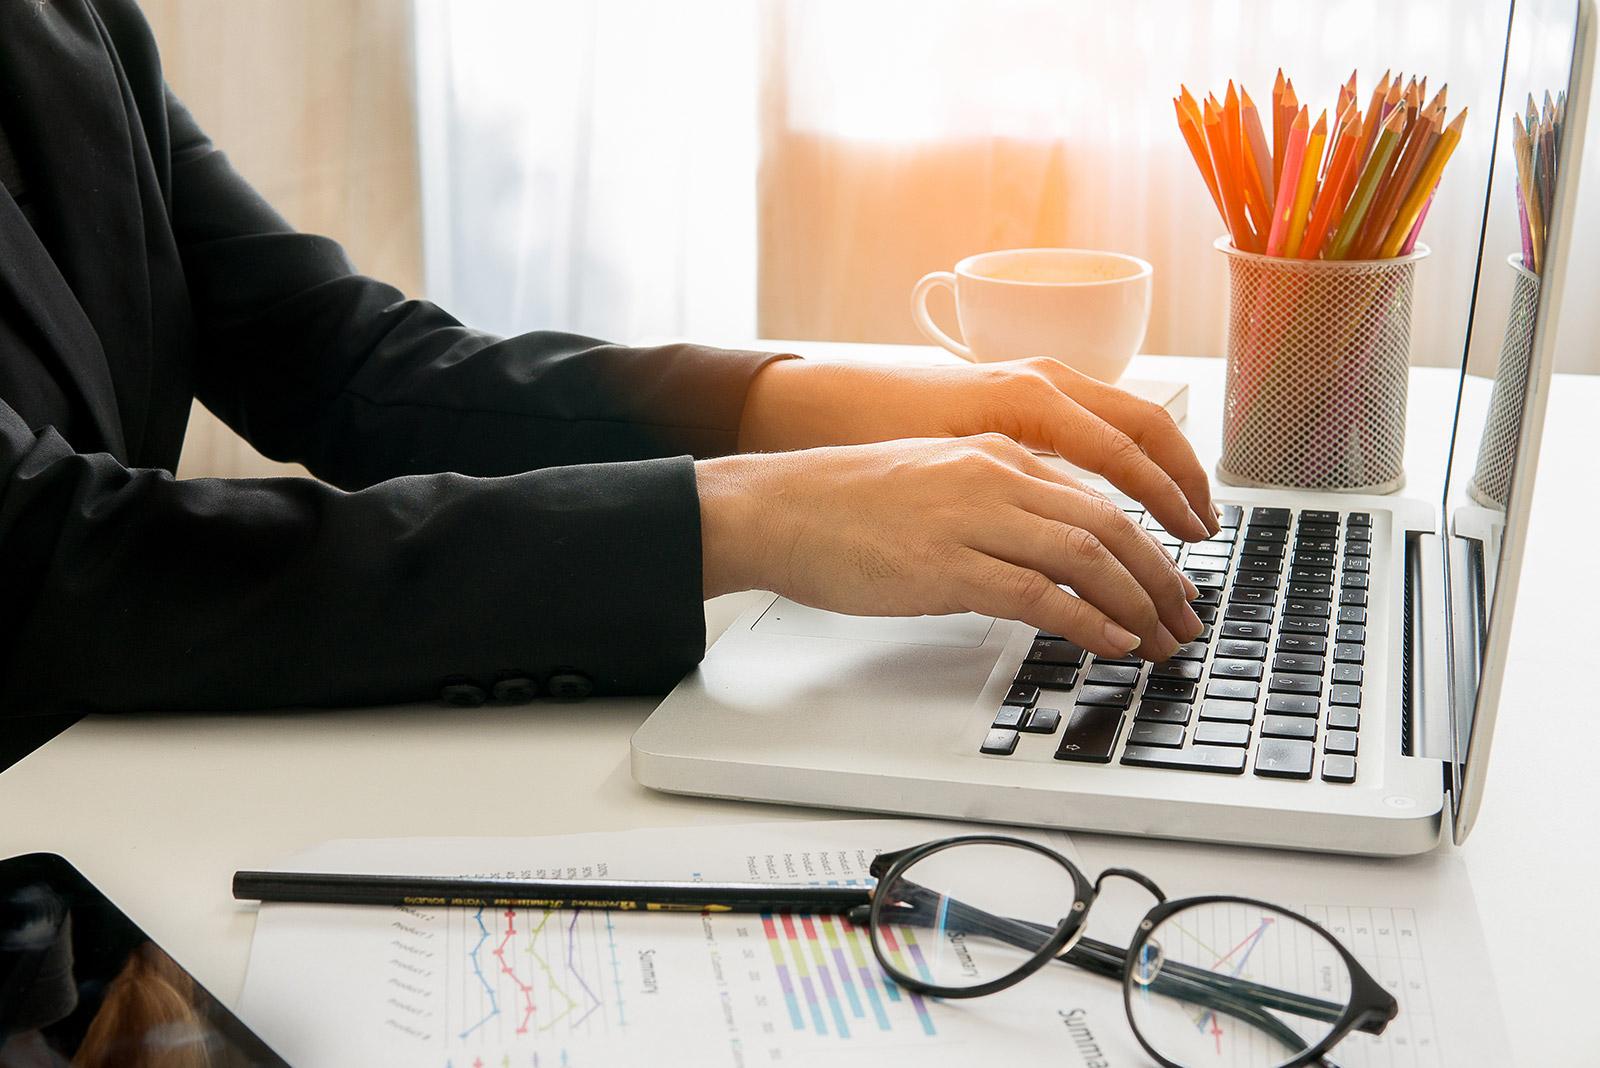 Eine Person sitzt am Schreibtisch vor einem Laptop und arbeitet.